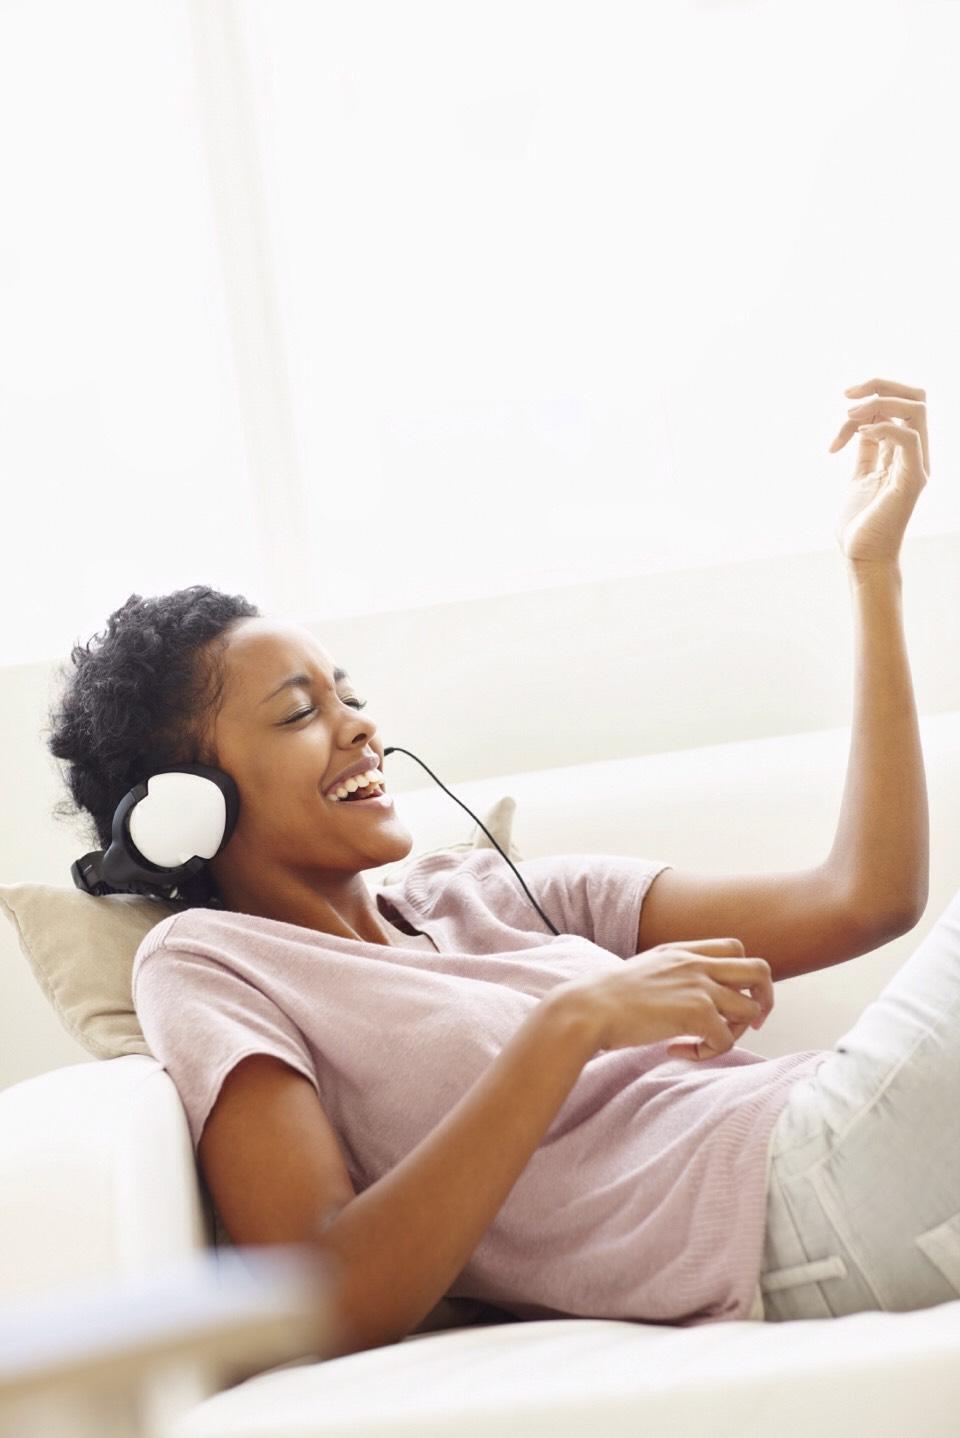 Hear music